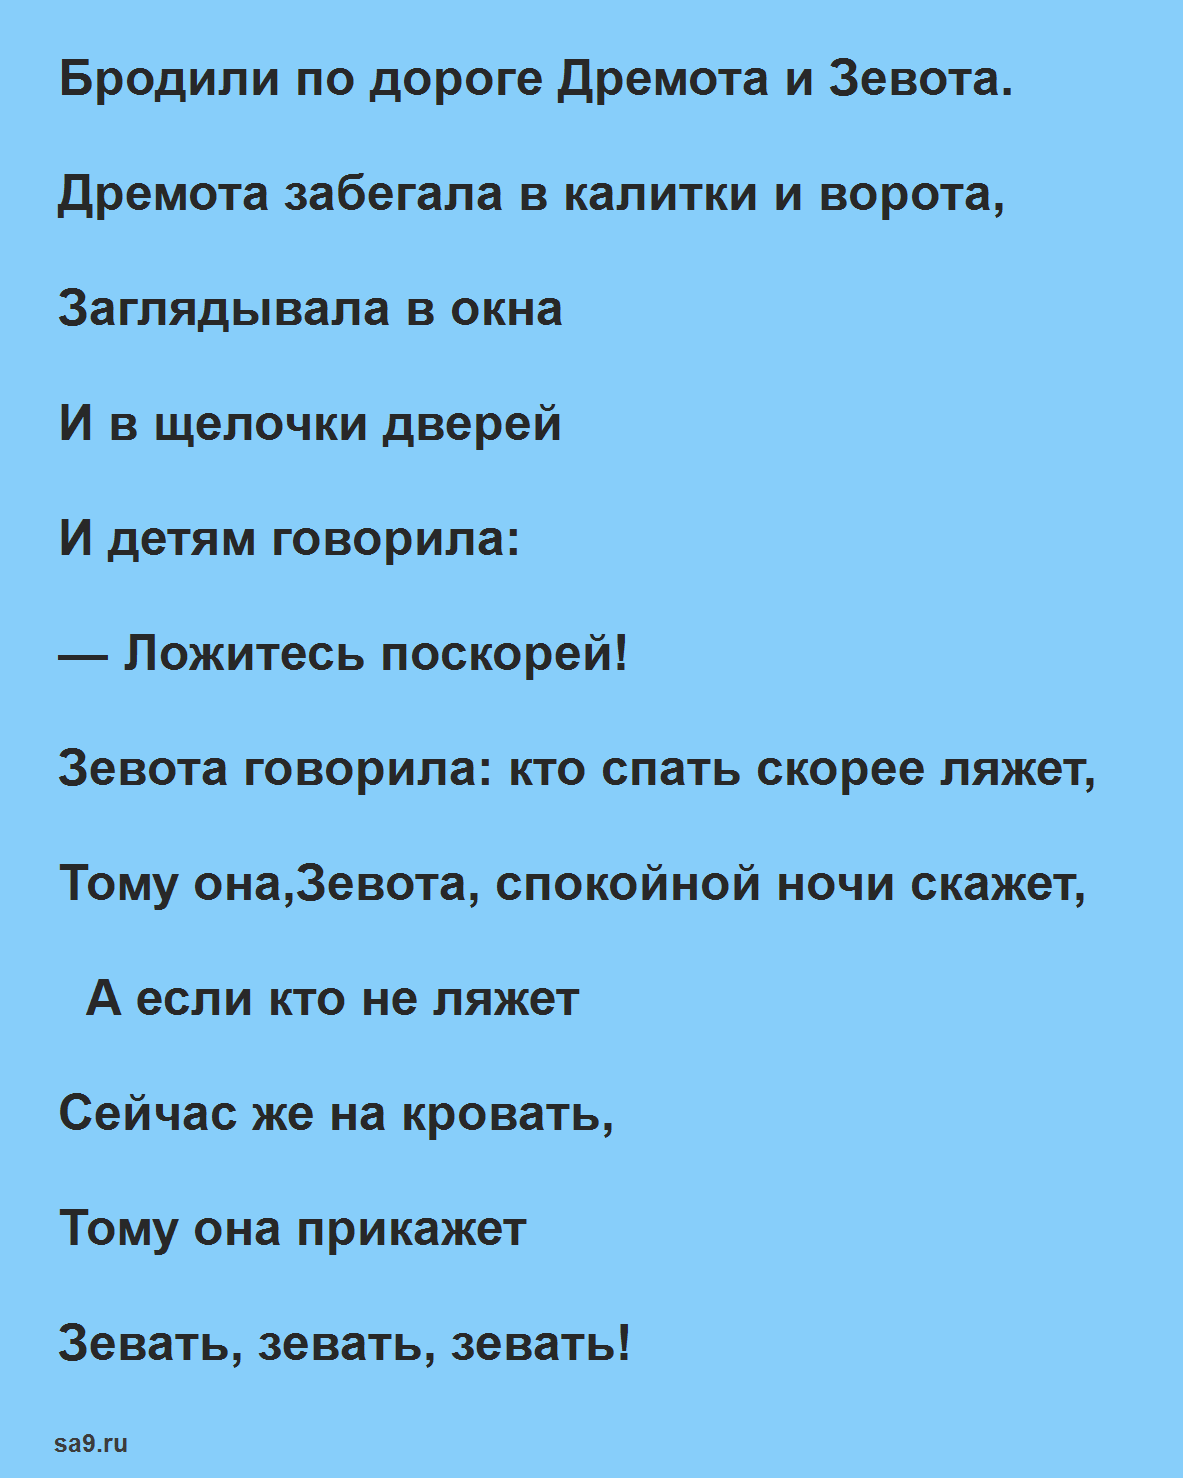 Михалков стихи - Дремота и зевота